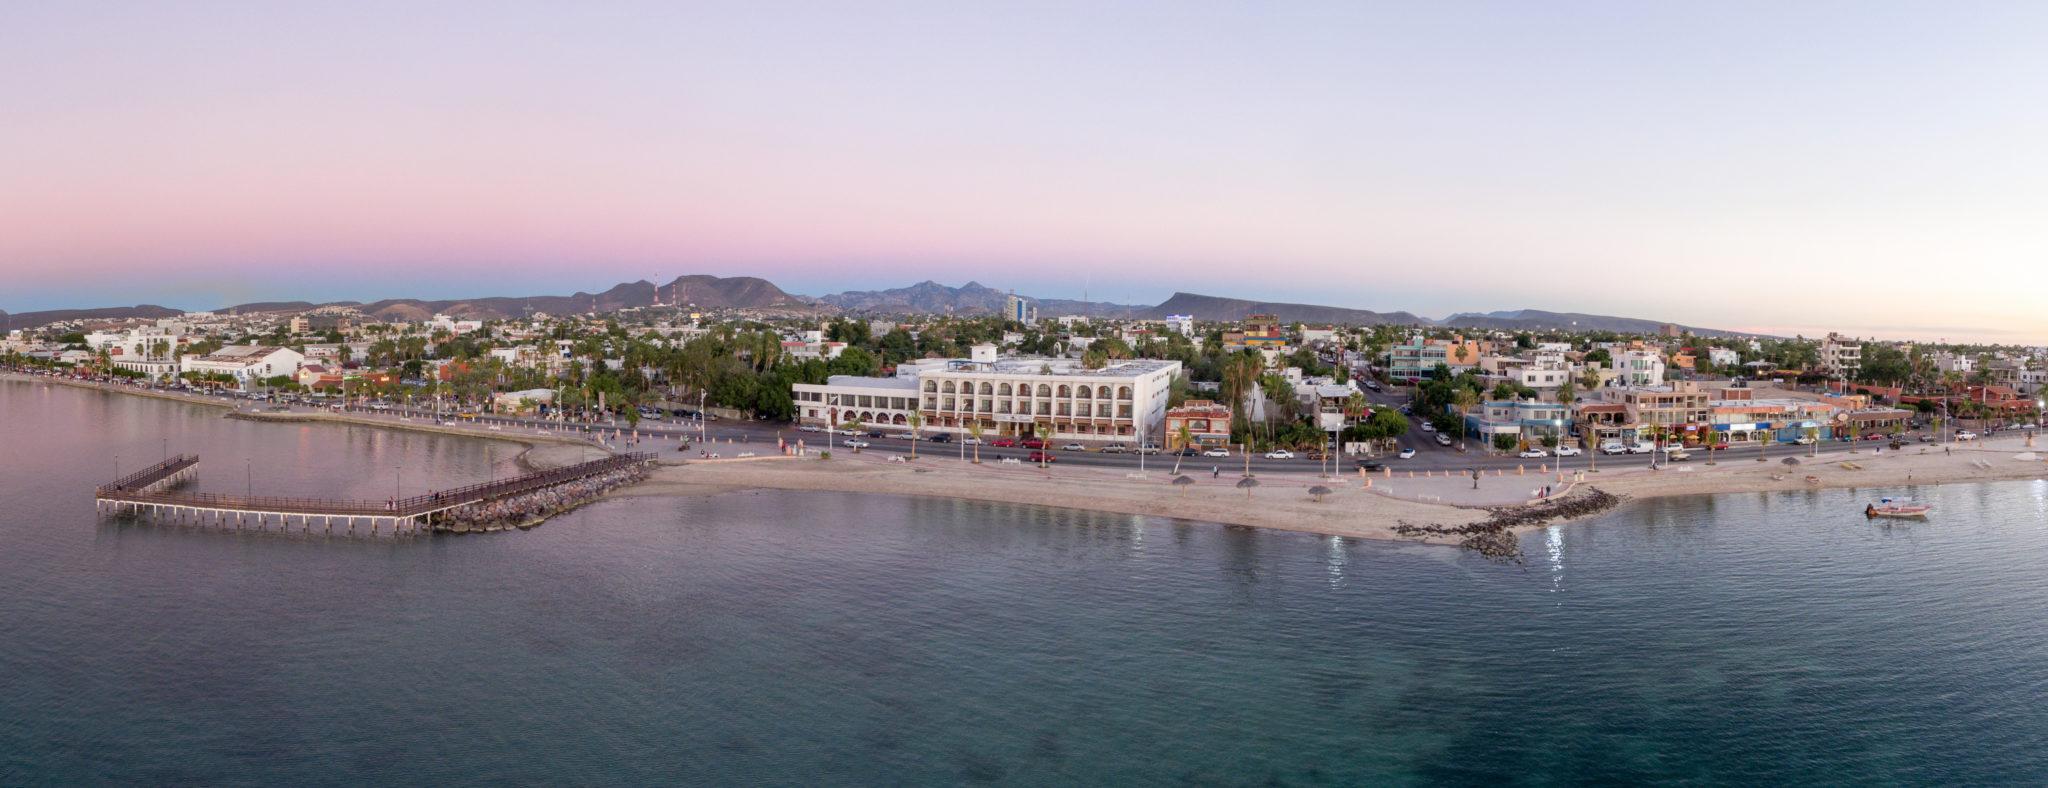 Baja California con crecimiento del 30% en bienes raíces.